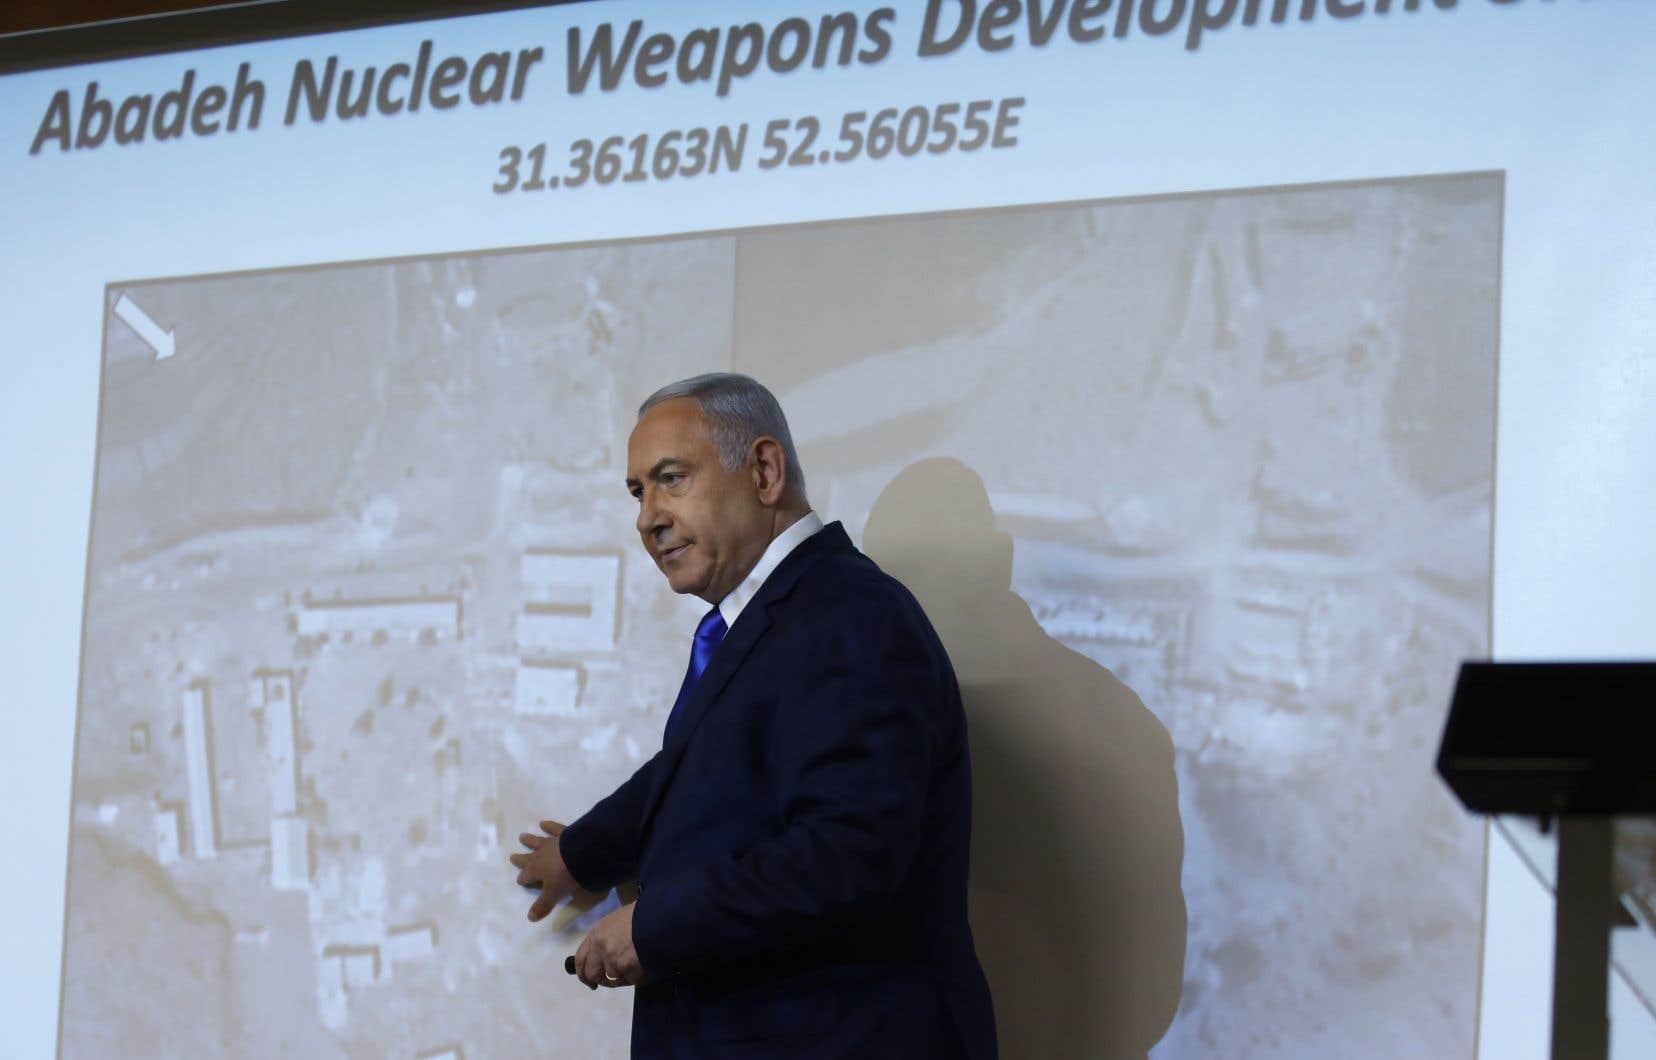 Le premier ministre israélien est un opposant de l'accord sur le nucléaire iranien, dont s'est retiré le gouvernement américain de Donald Trump, un proche allié de M.Nétanyahou.